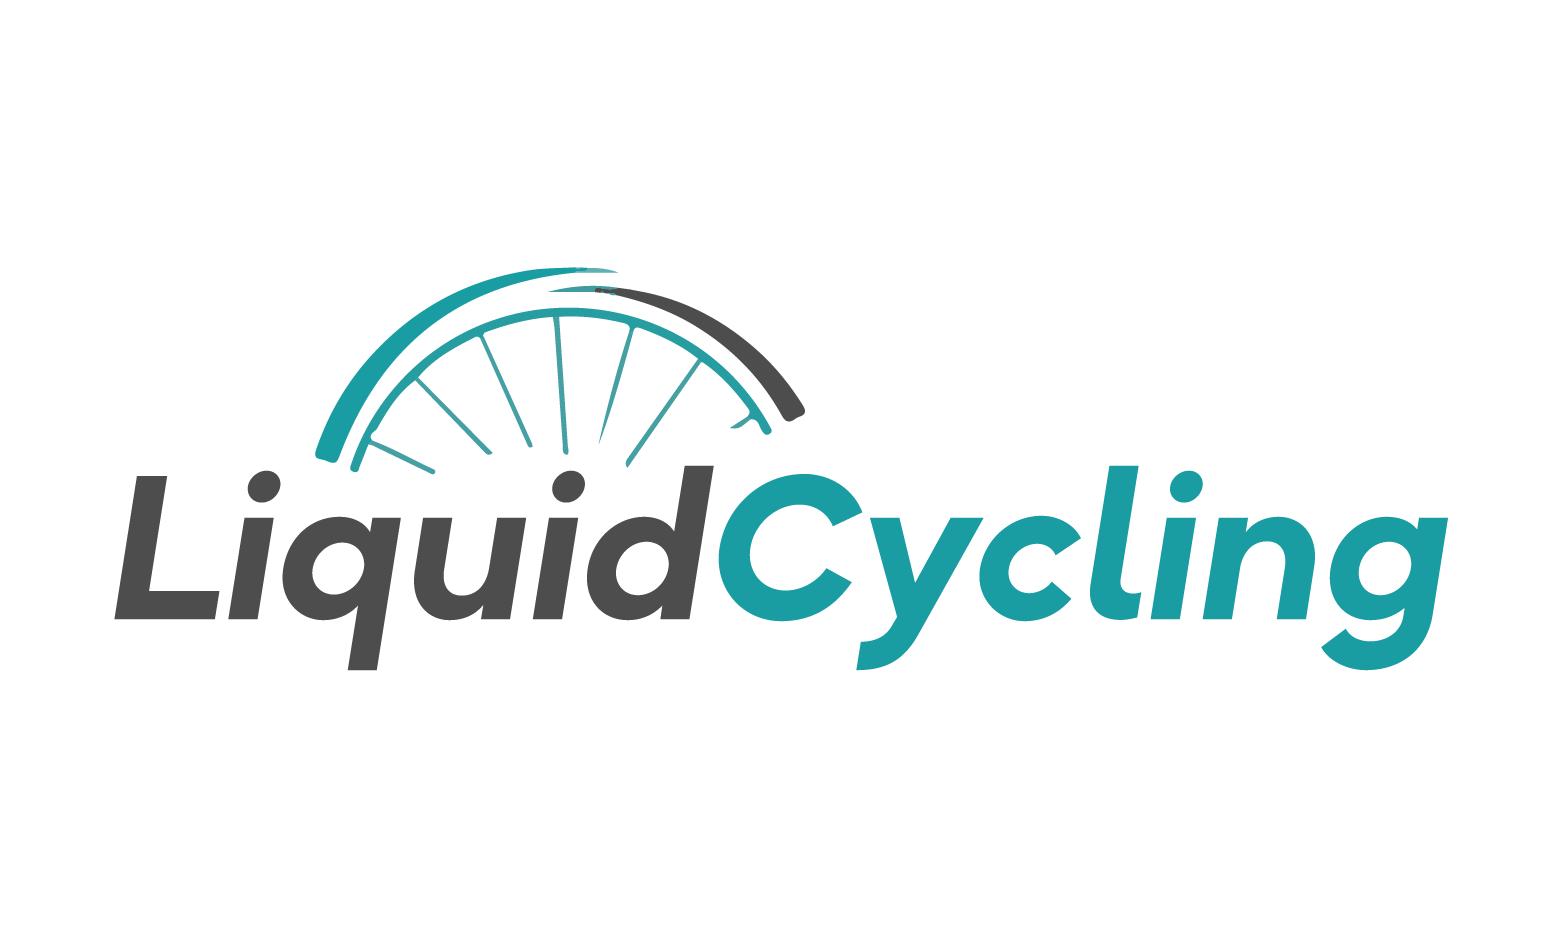 LiquidCycling.com